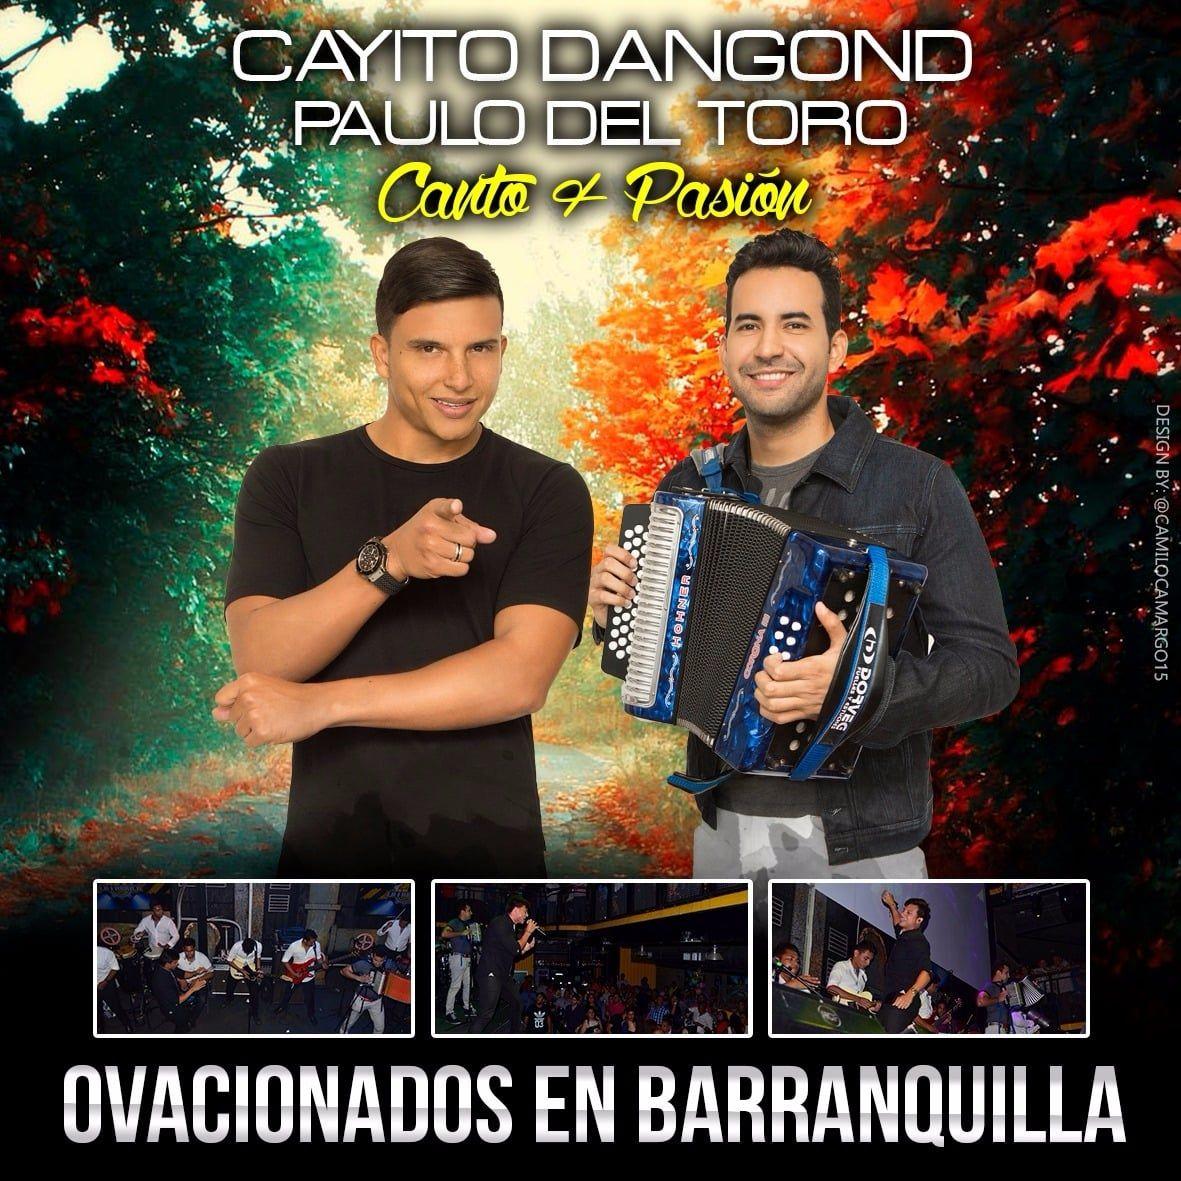 Cayito Dangond y Paulo del Toro ovacionados en Barranquilla